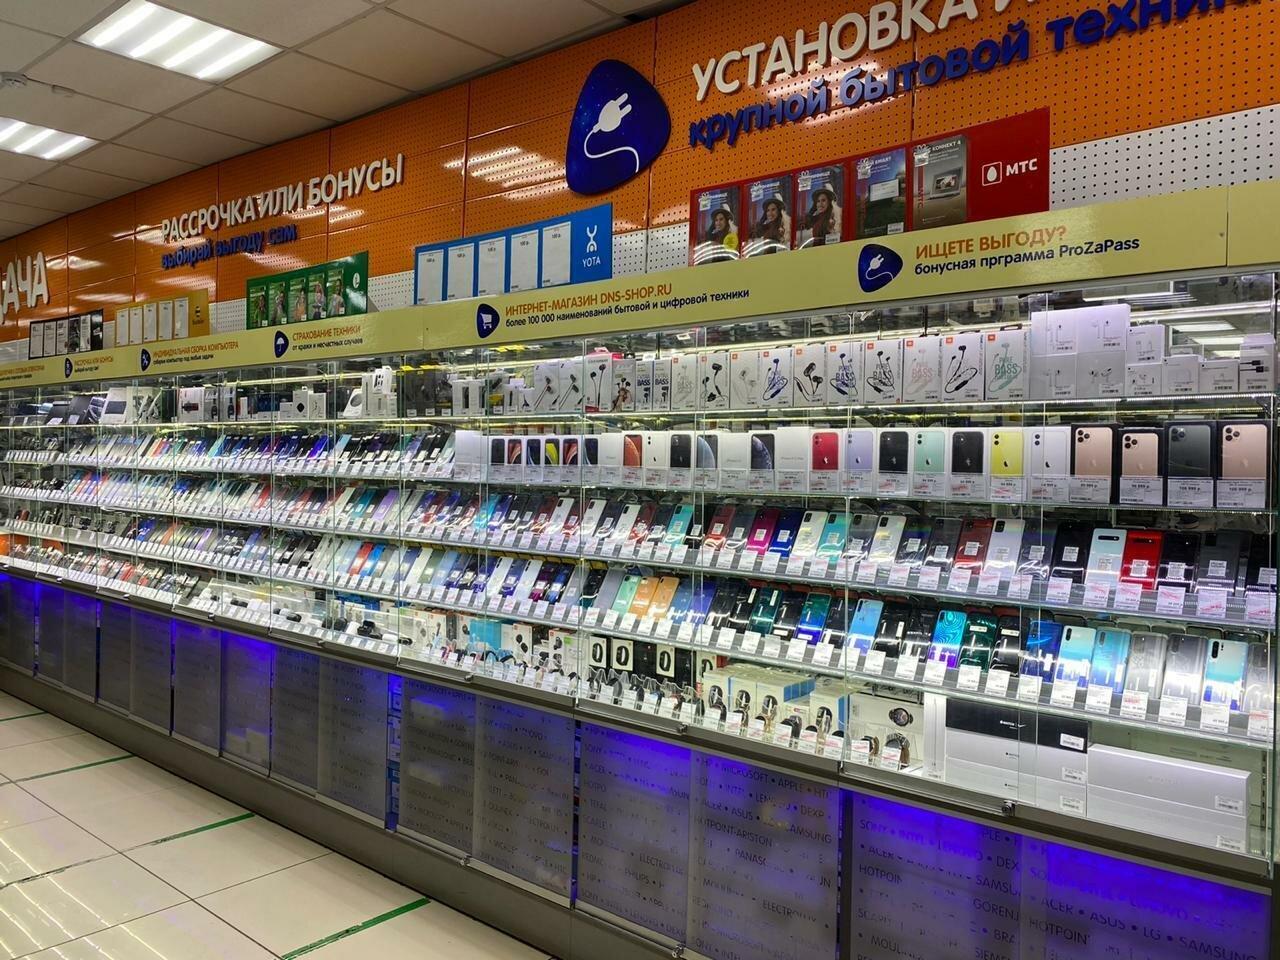 Ближайший Магазин Электроники Рядом Со Мной